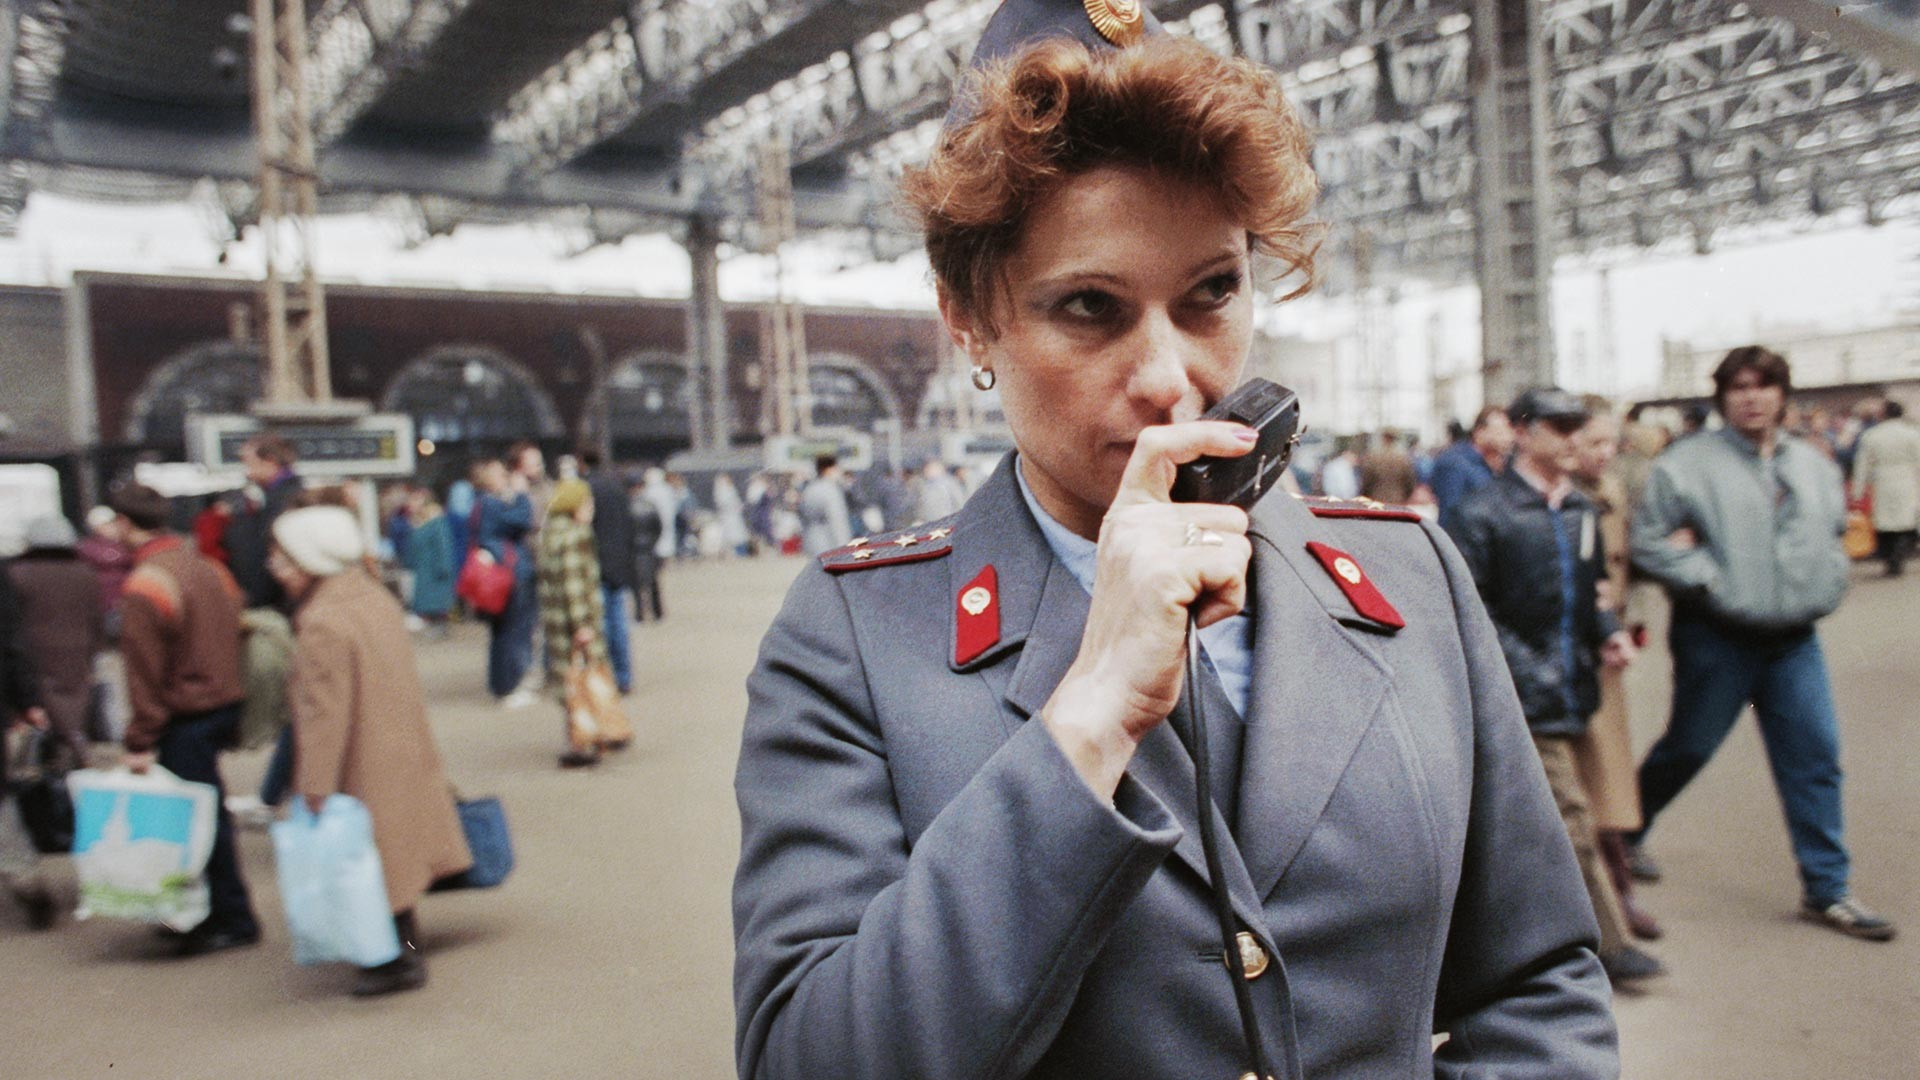 Stanica milicije pored Kazanjske željezničke stanice u Moskvi.